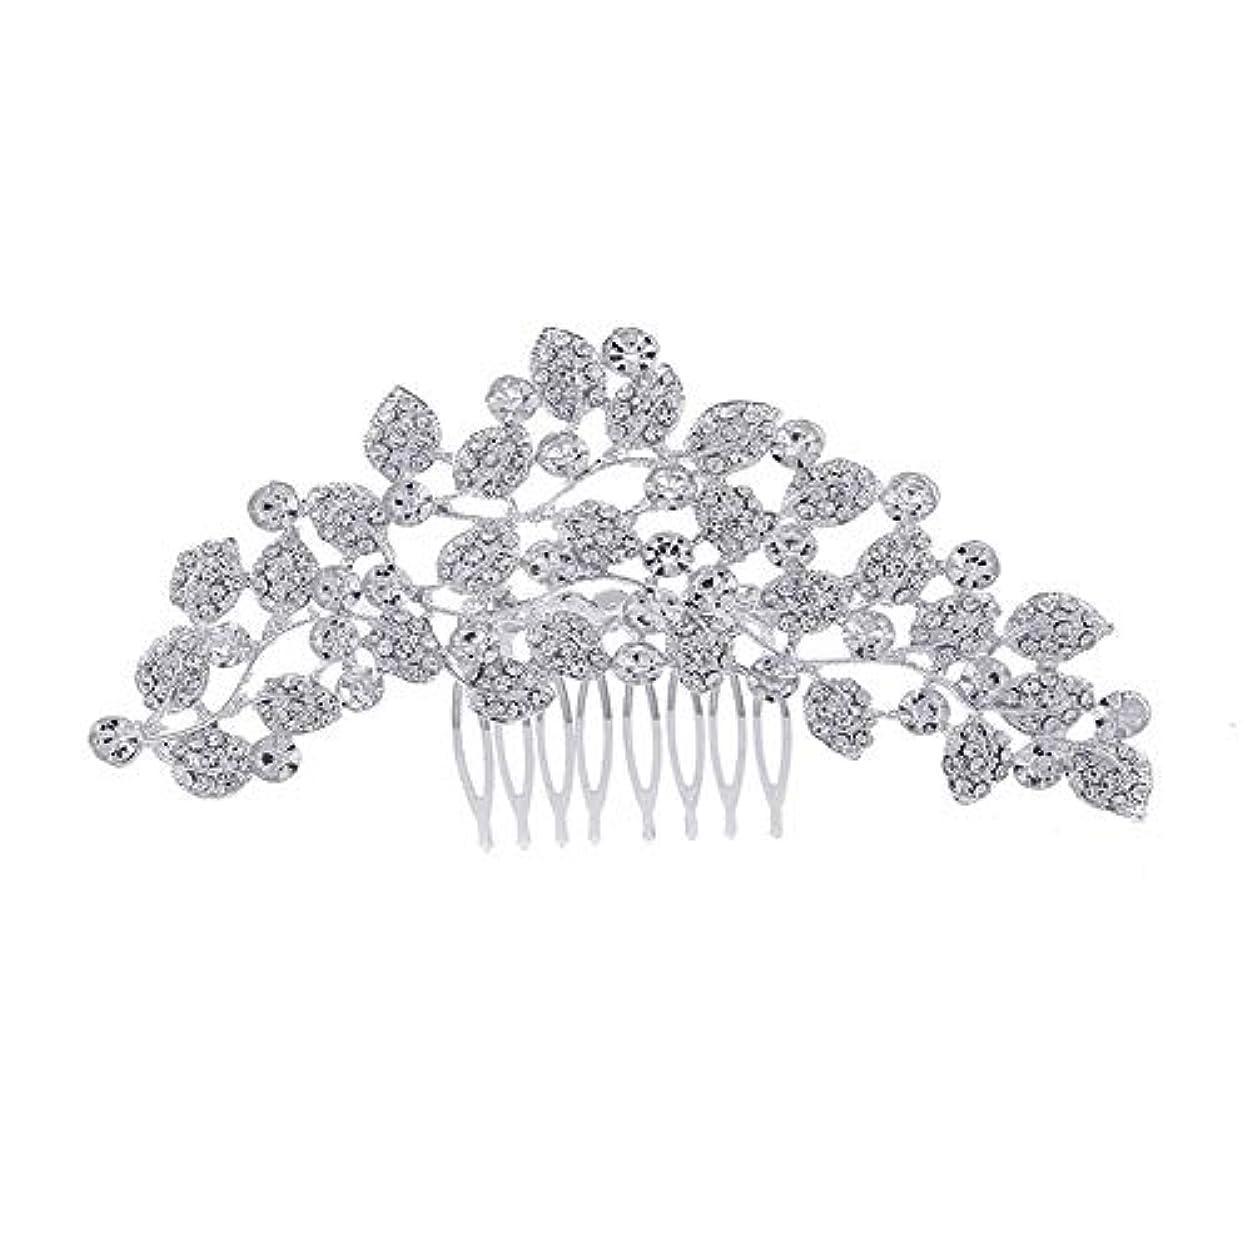 誇りテスト原油髪の櫛、櫛、ブライダル髪、櫛、髪の櫛、ラインストーンの櫛、葉の髪の櫛、結婚式の髪の櫛